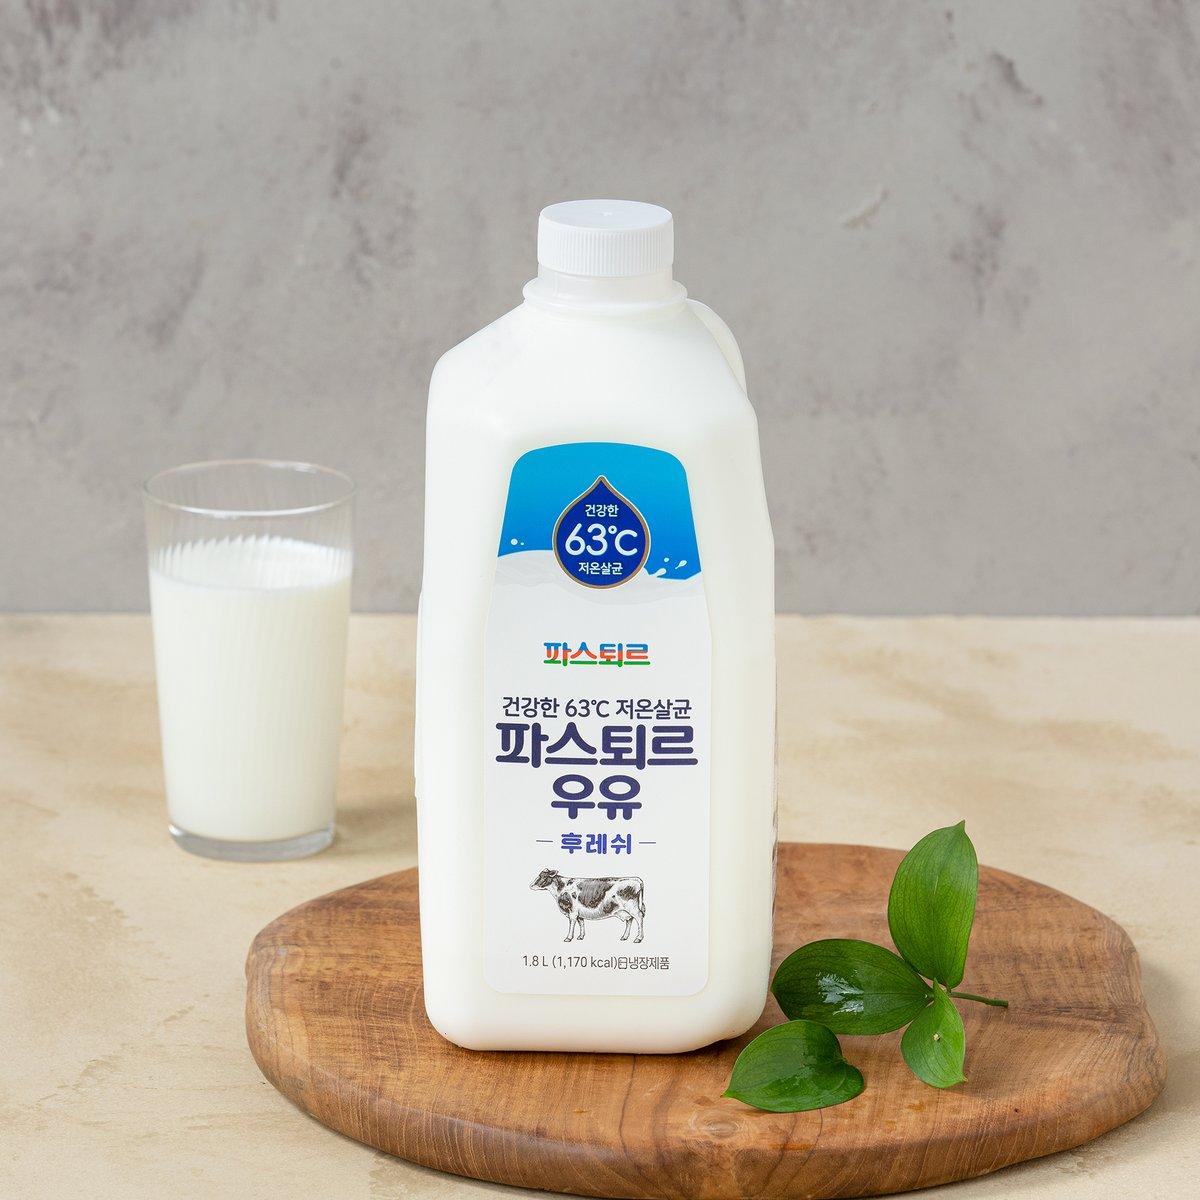 [파스퇴르] 후레쉬 우유 1.8L